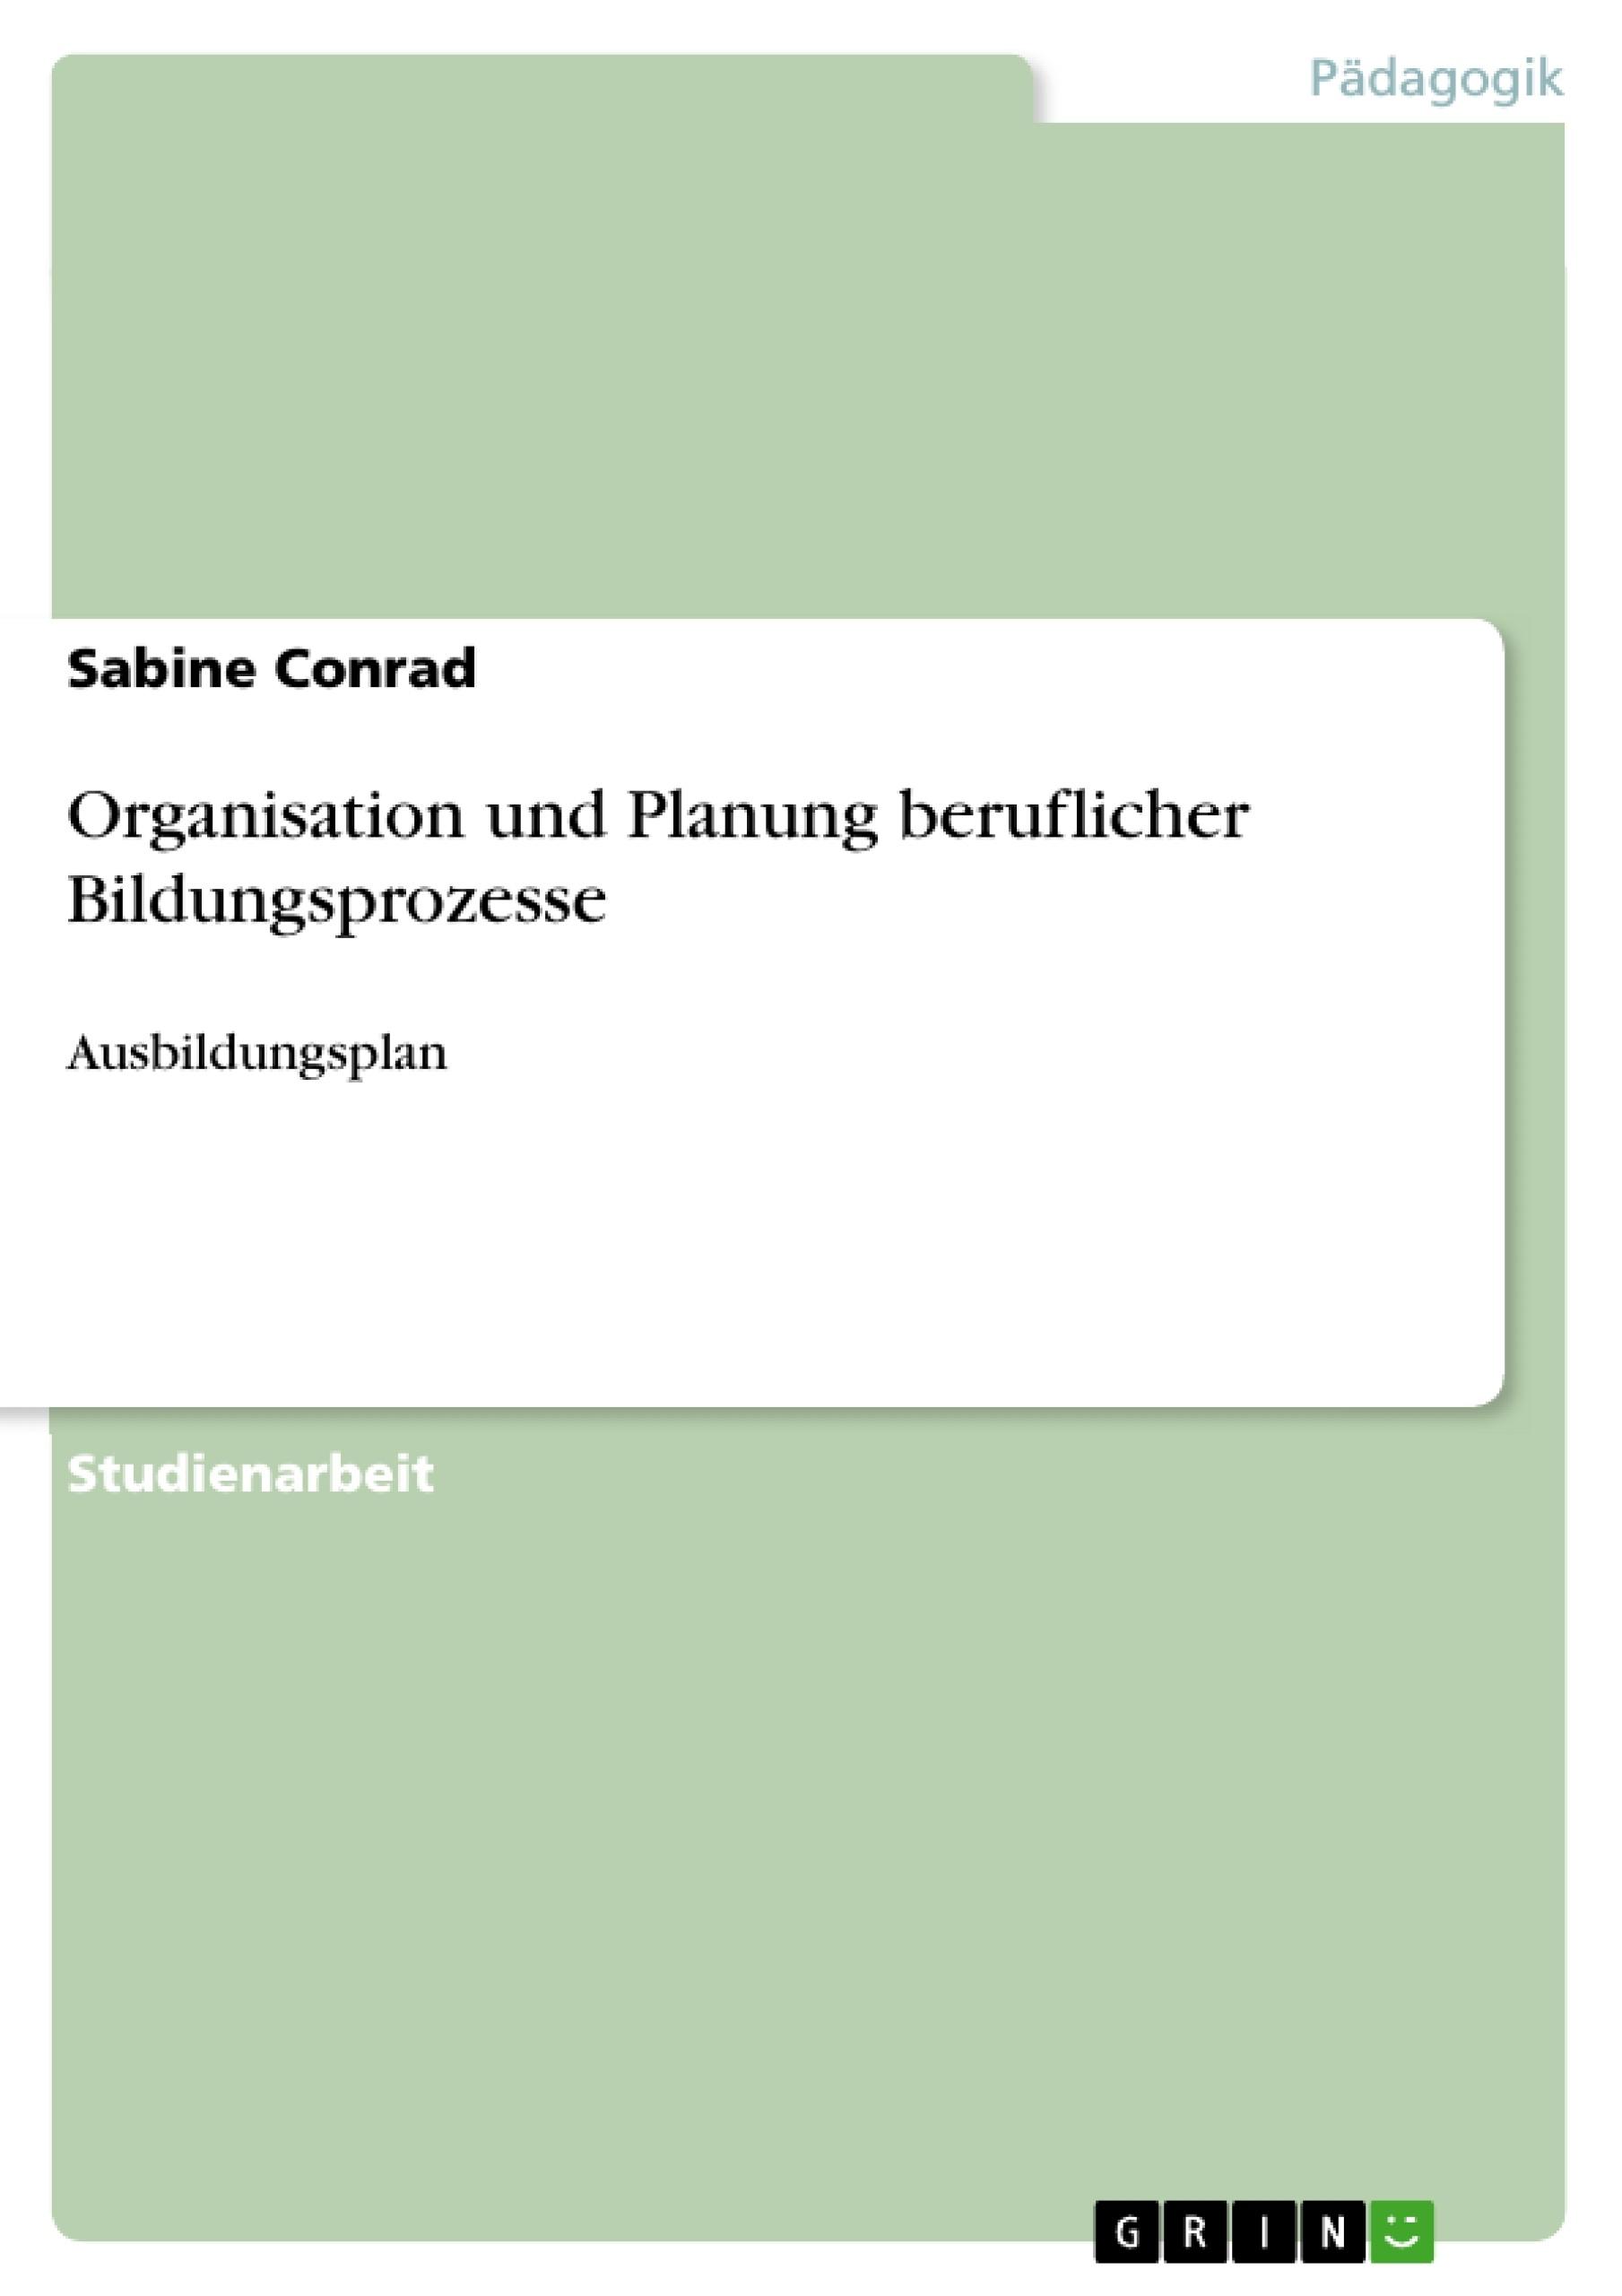 Titel: Organisation und Planung beruflicher Bildungsprozesse